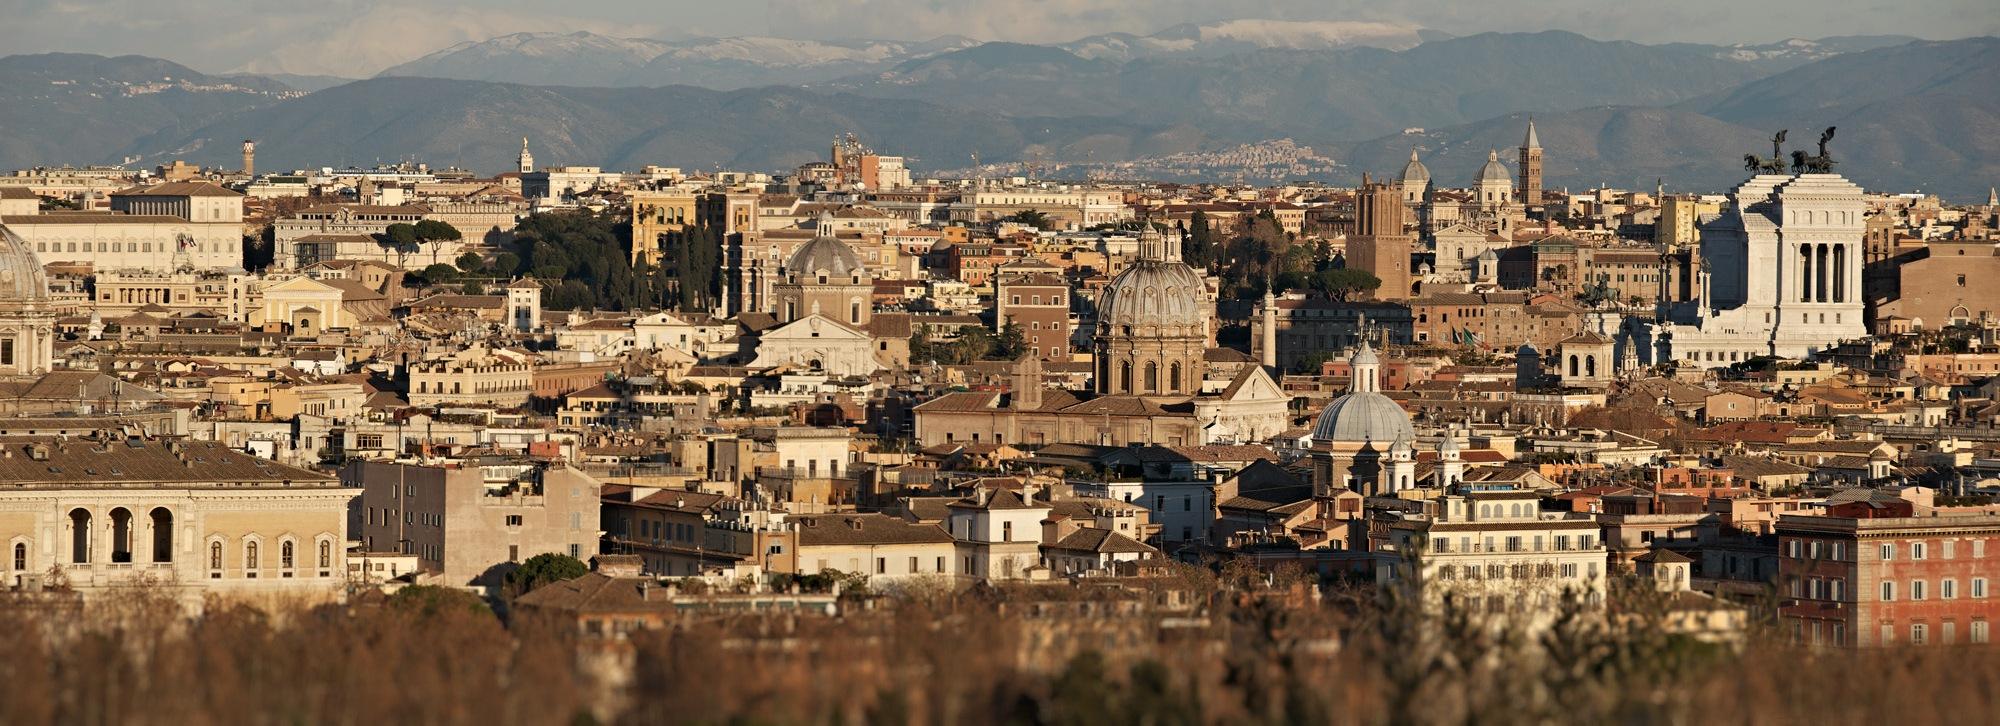 Il Colle Gianicolo - Pro Loco Roma | Pro Loco di Roma